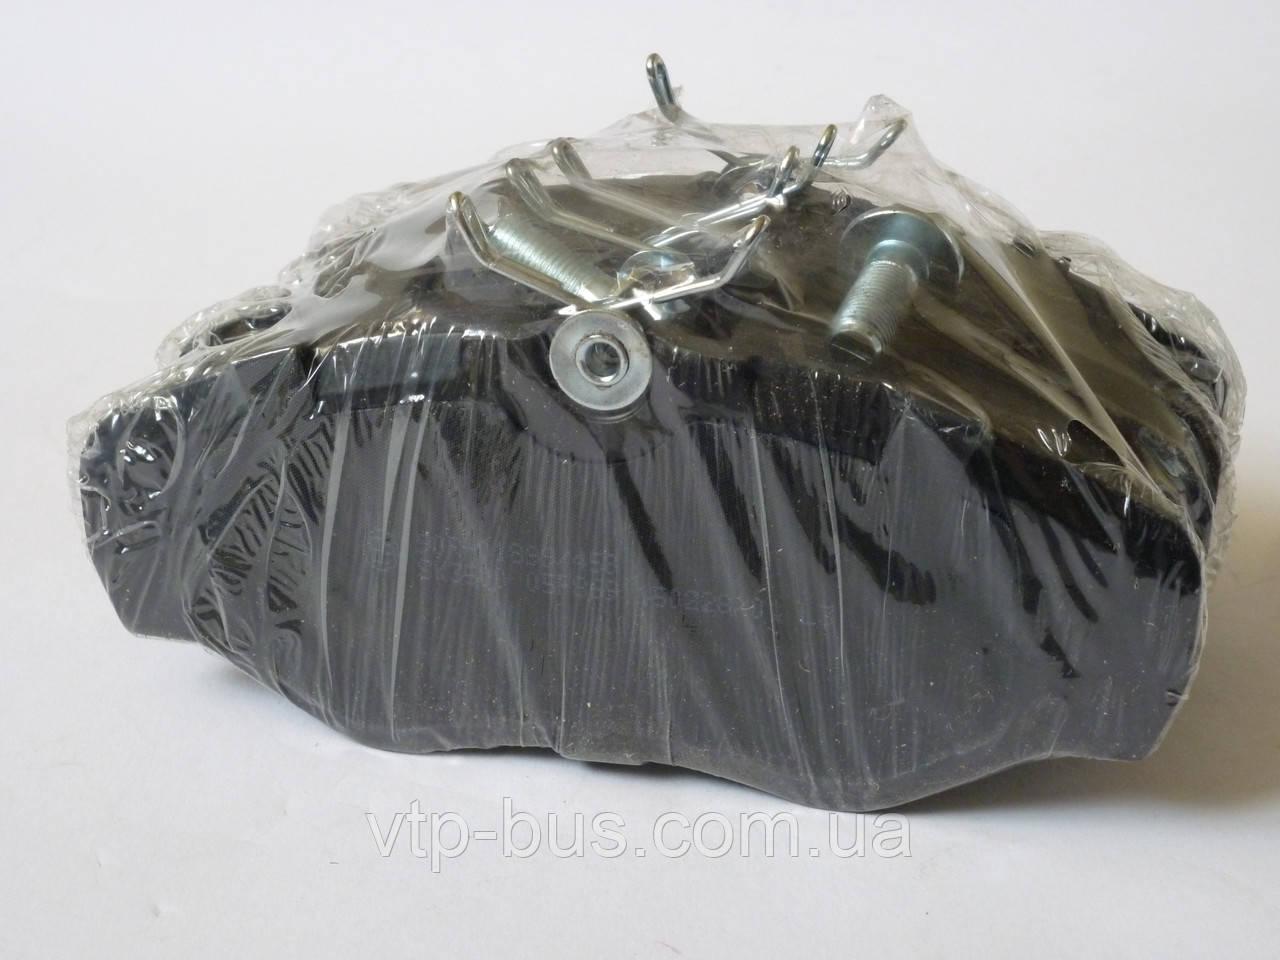 Тормозные колодки передние на Renault Trafic / Opel Vivaro / Nissan Primastar с 2001...LPR (Италия), LPR05P869